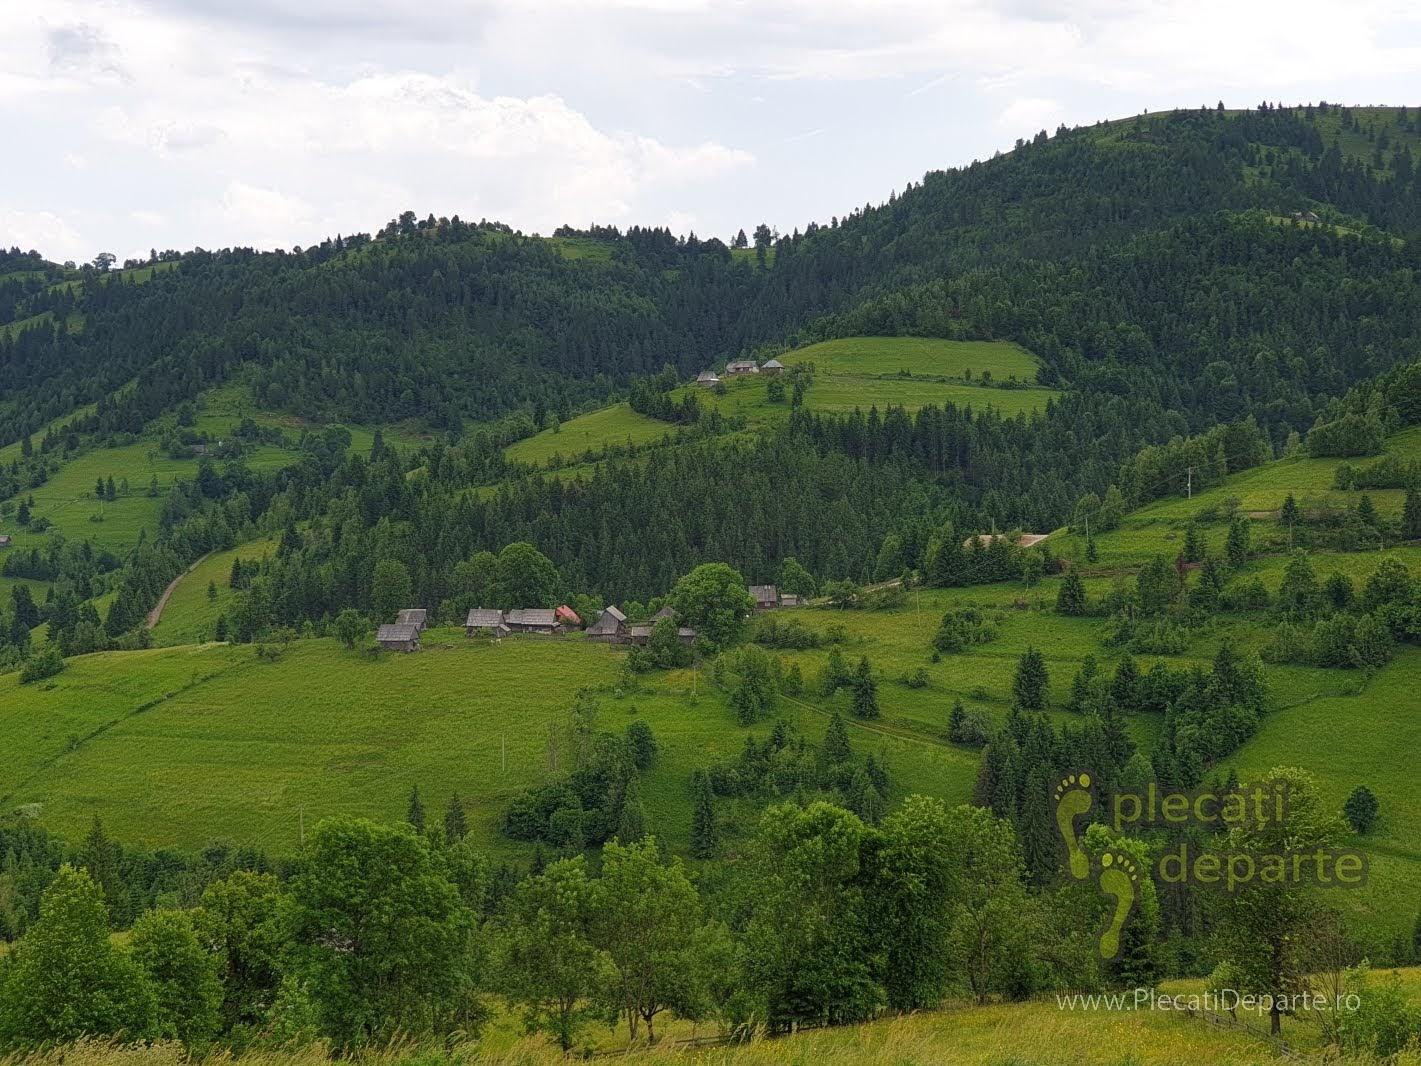 muntii apuseni obiective turistice tara motilor transursoaia trans-ursoaia dn 1R dn1R casa memoriala a lui horea